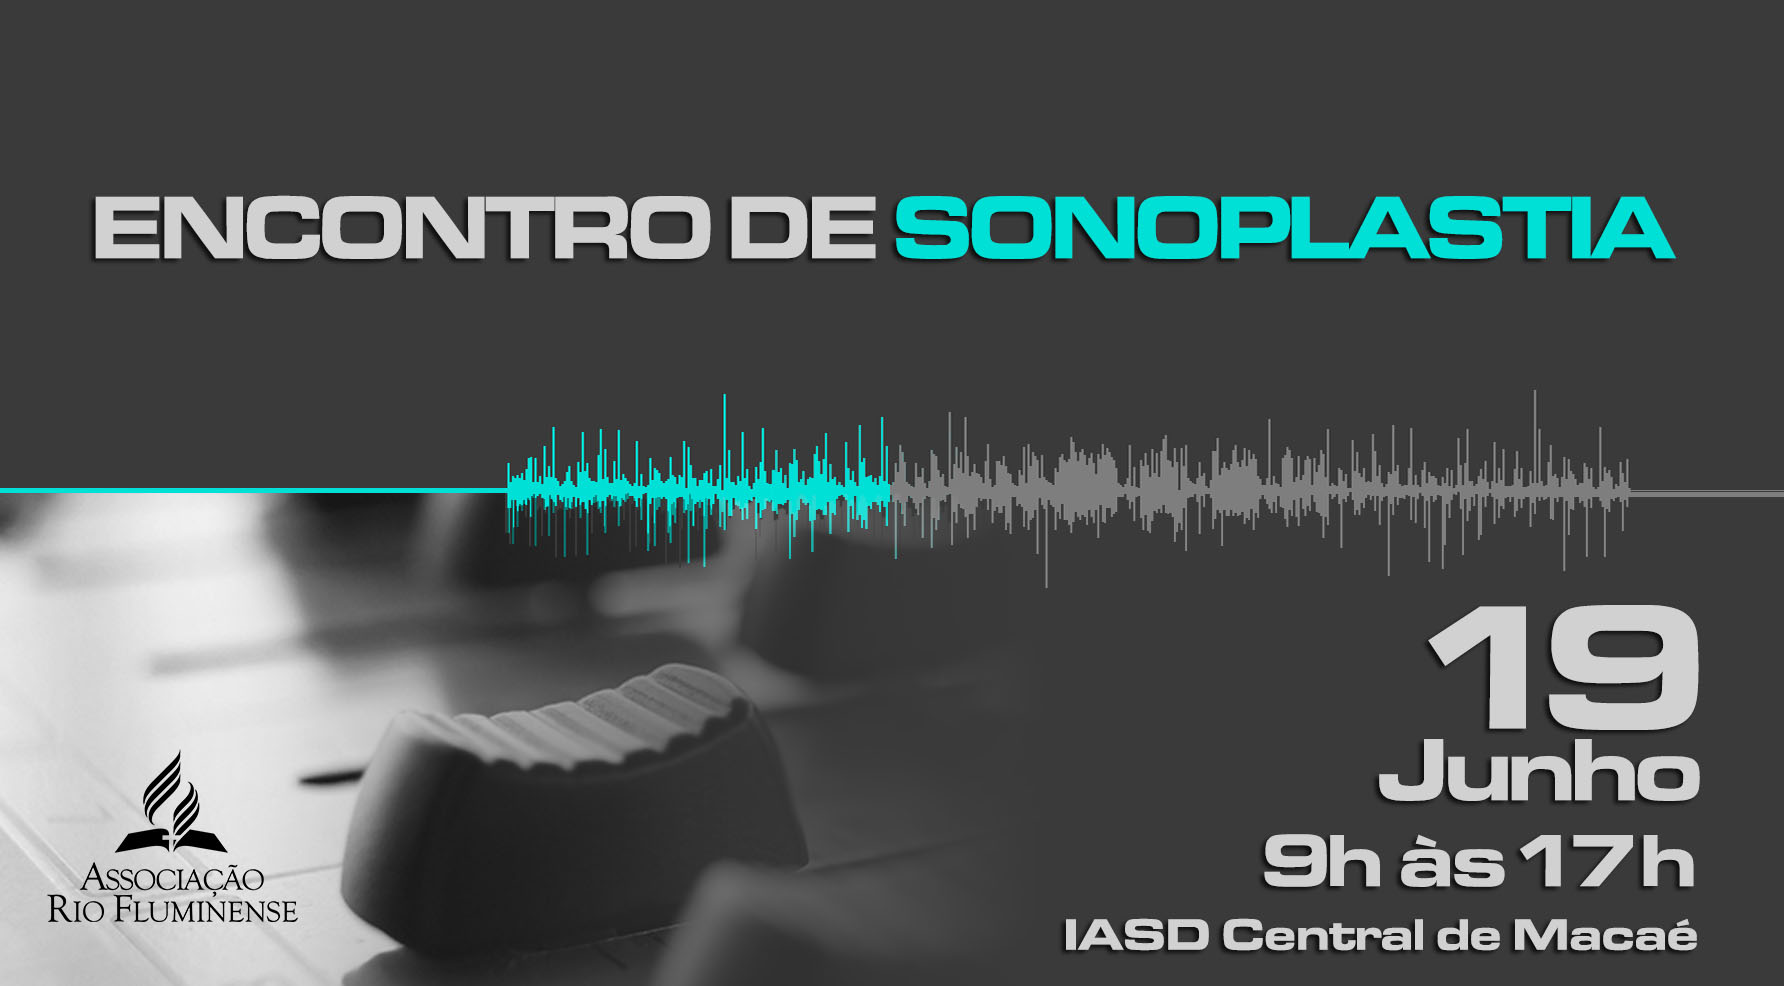 encontro_sonoplastia_slide